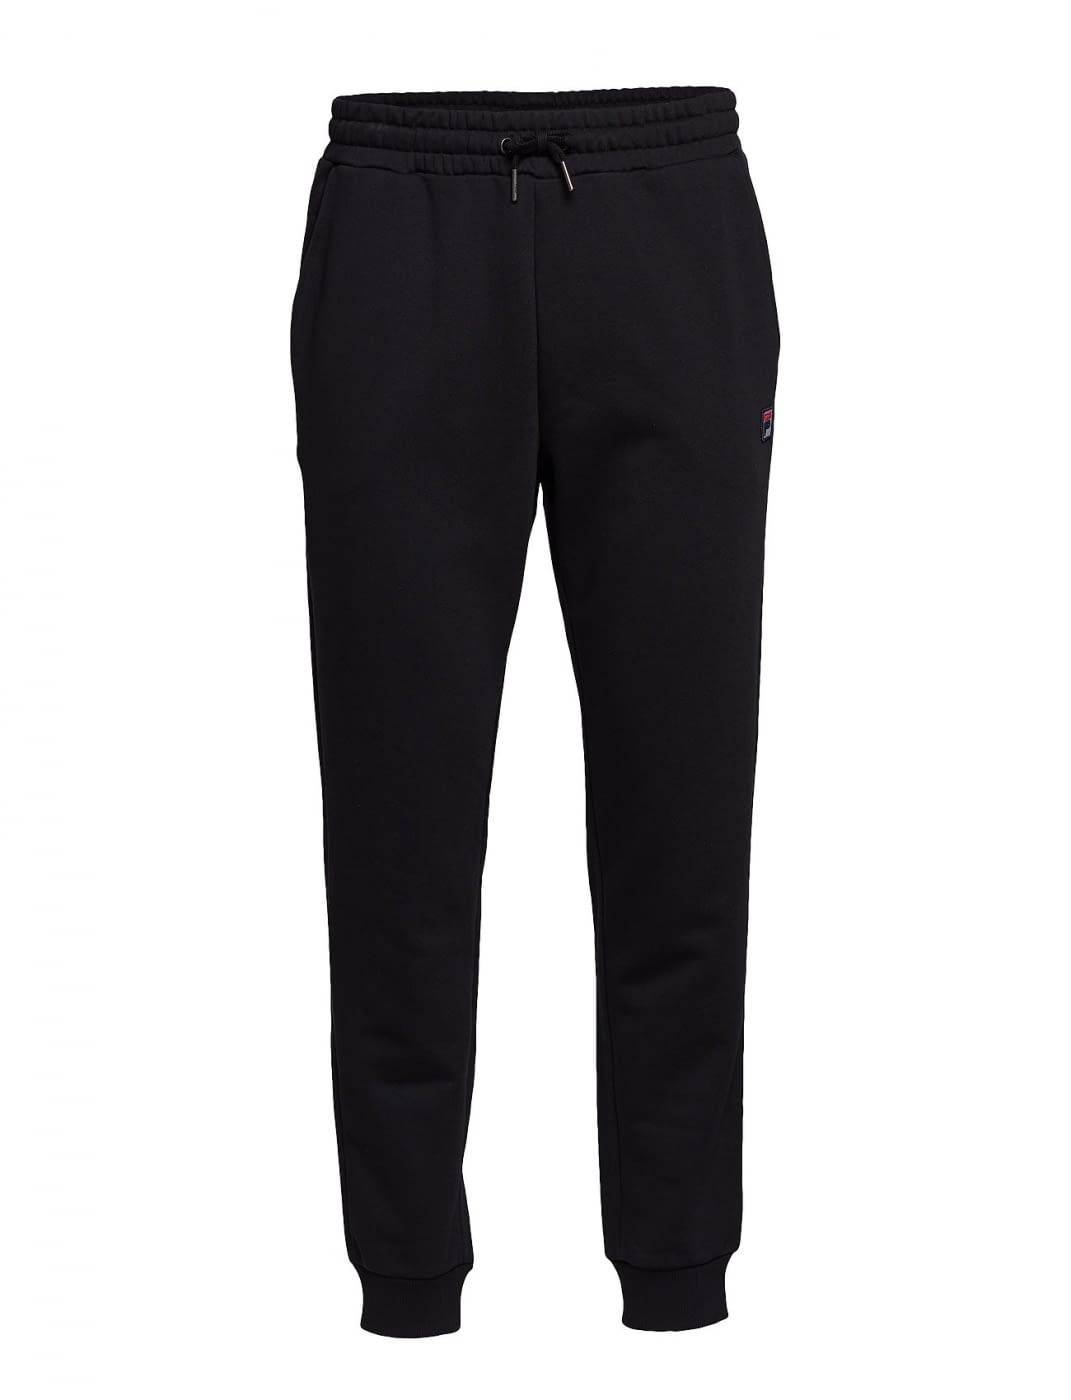 Pantalon chandal FILA